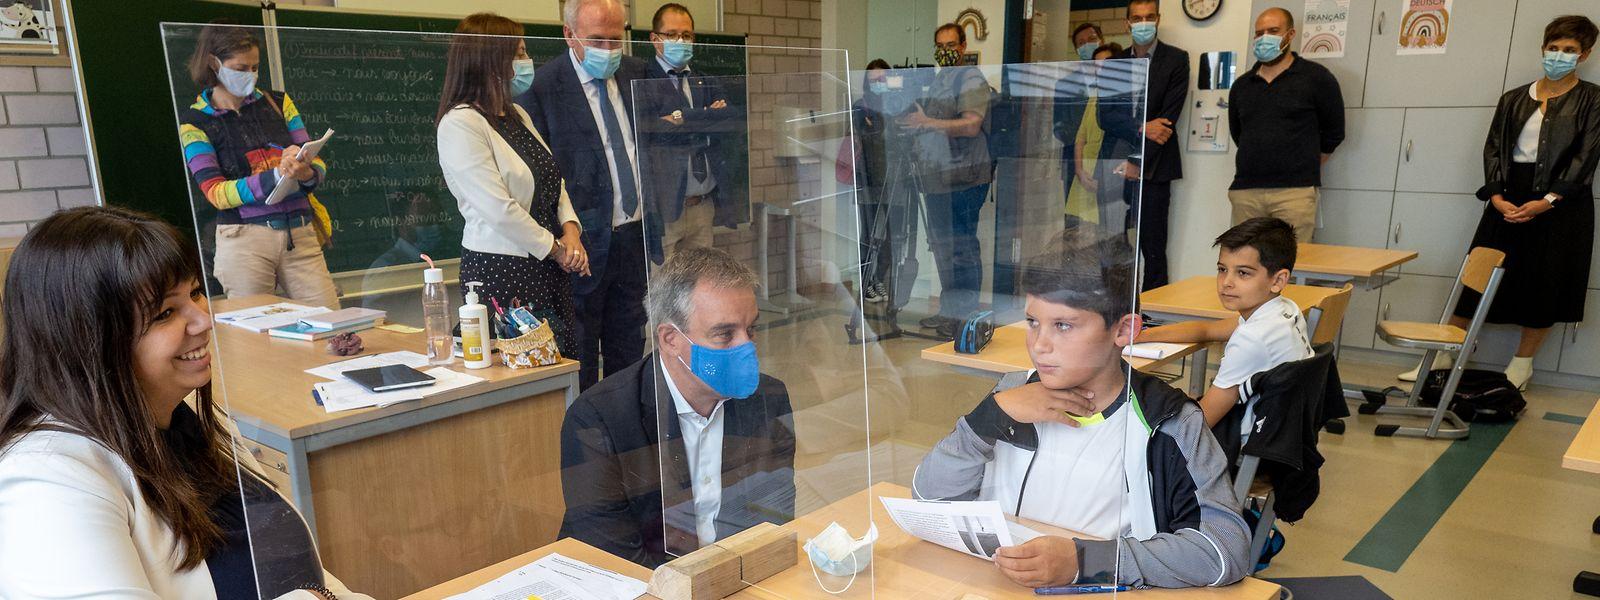 En visite dans une école de Mondercange, Claude Meisch a pu apprécier combien la communication à travers des vitres de plexiglas était... étrange.